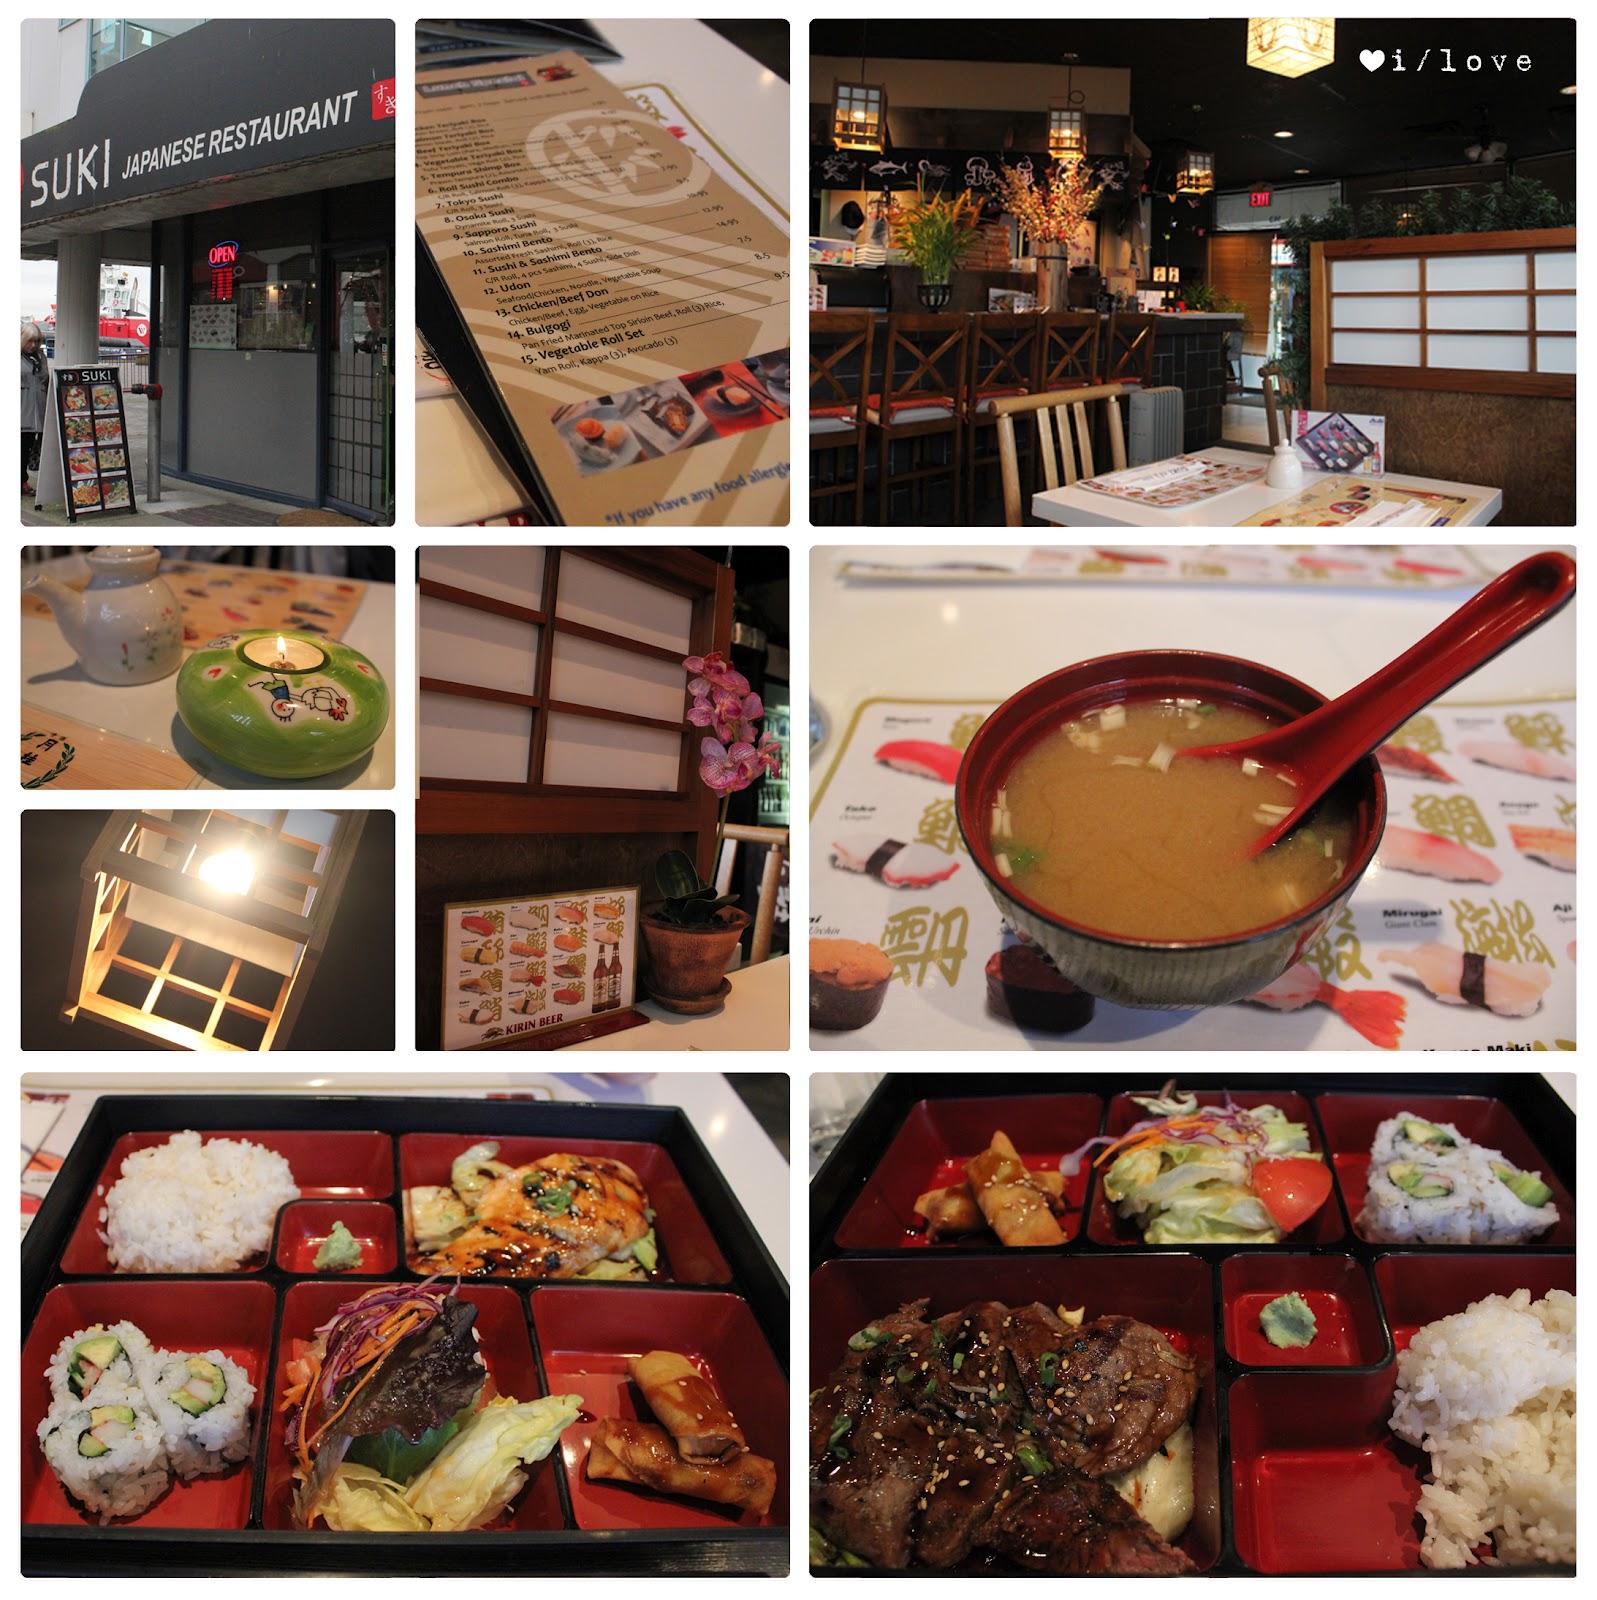 Oi/Love: Suki Sushi Japanese Restaurant